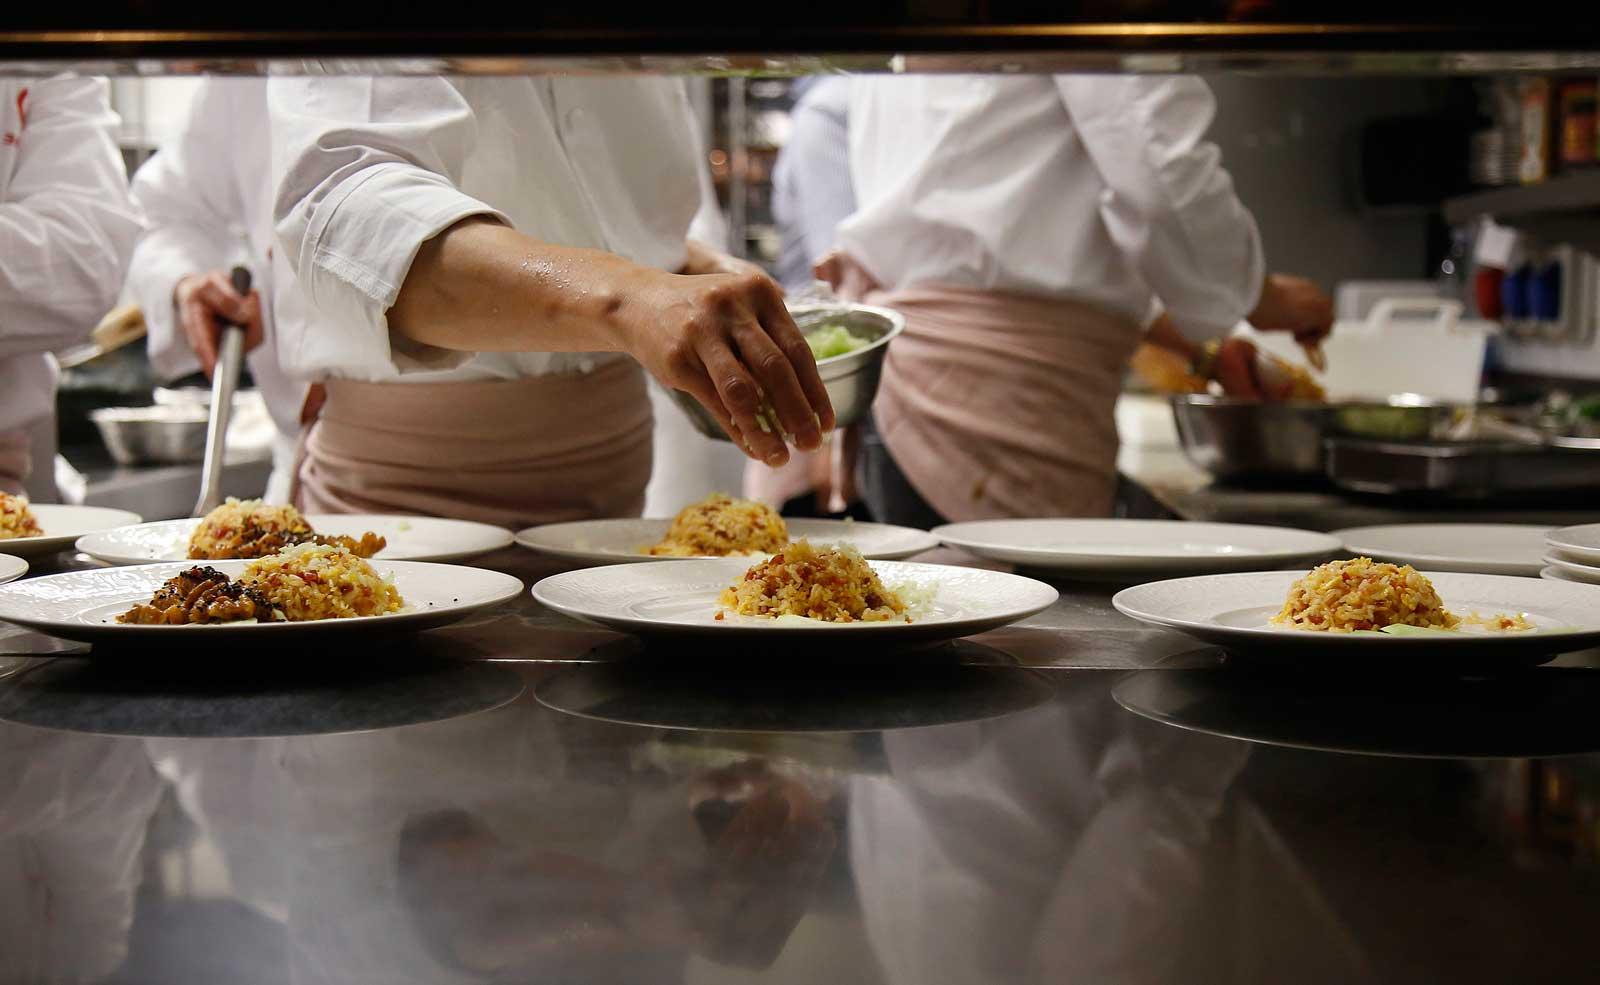 Milano il ristorante bon wei fa vera cucina cinese for Piatti di cucina